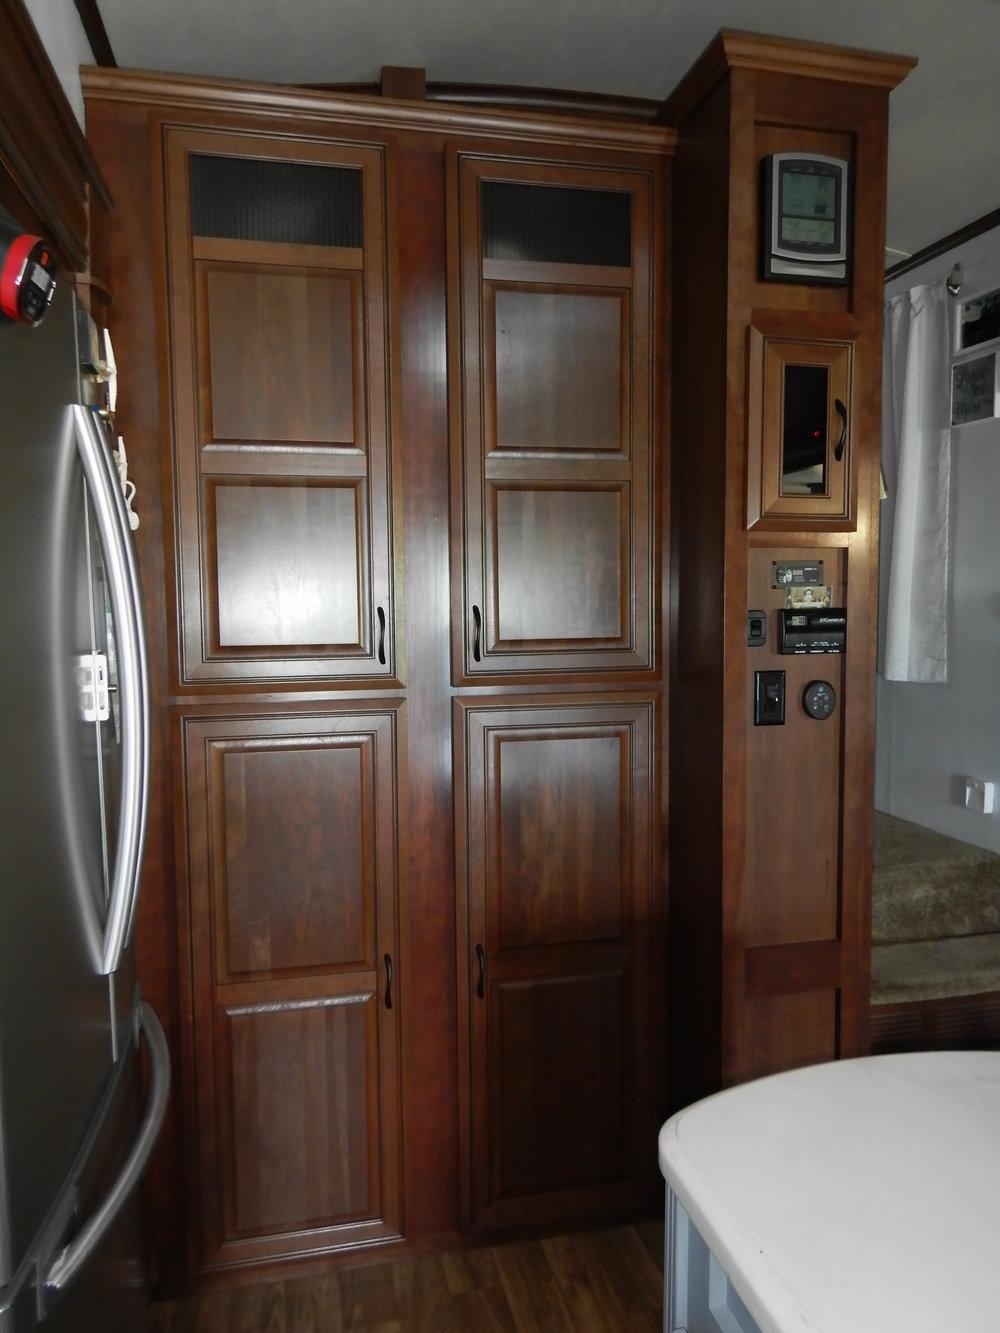 RV Kitchen Cabinets_Before.JPG